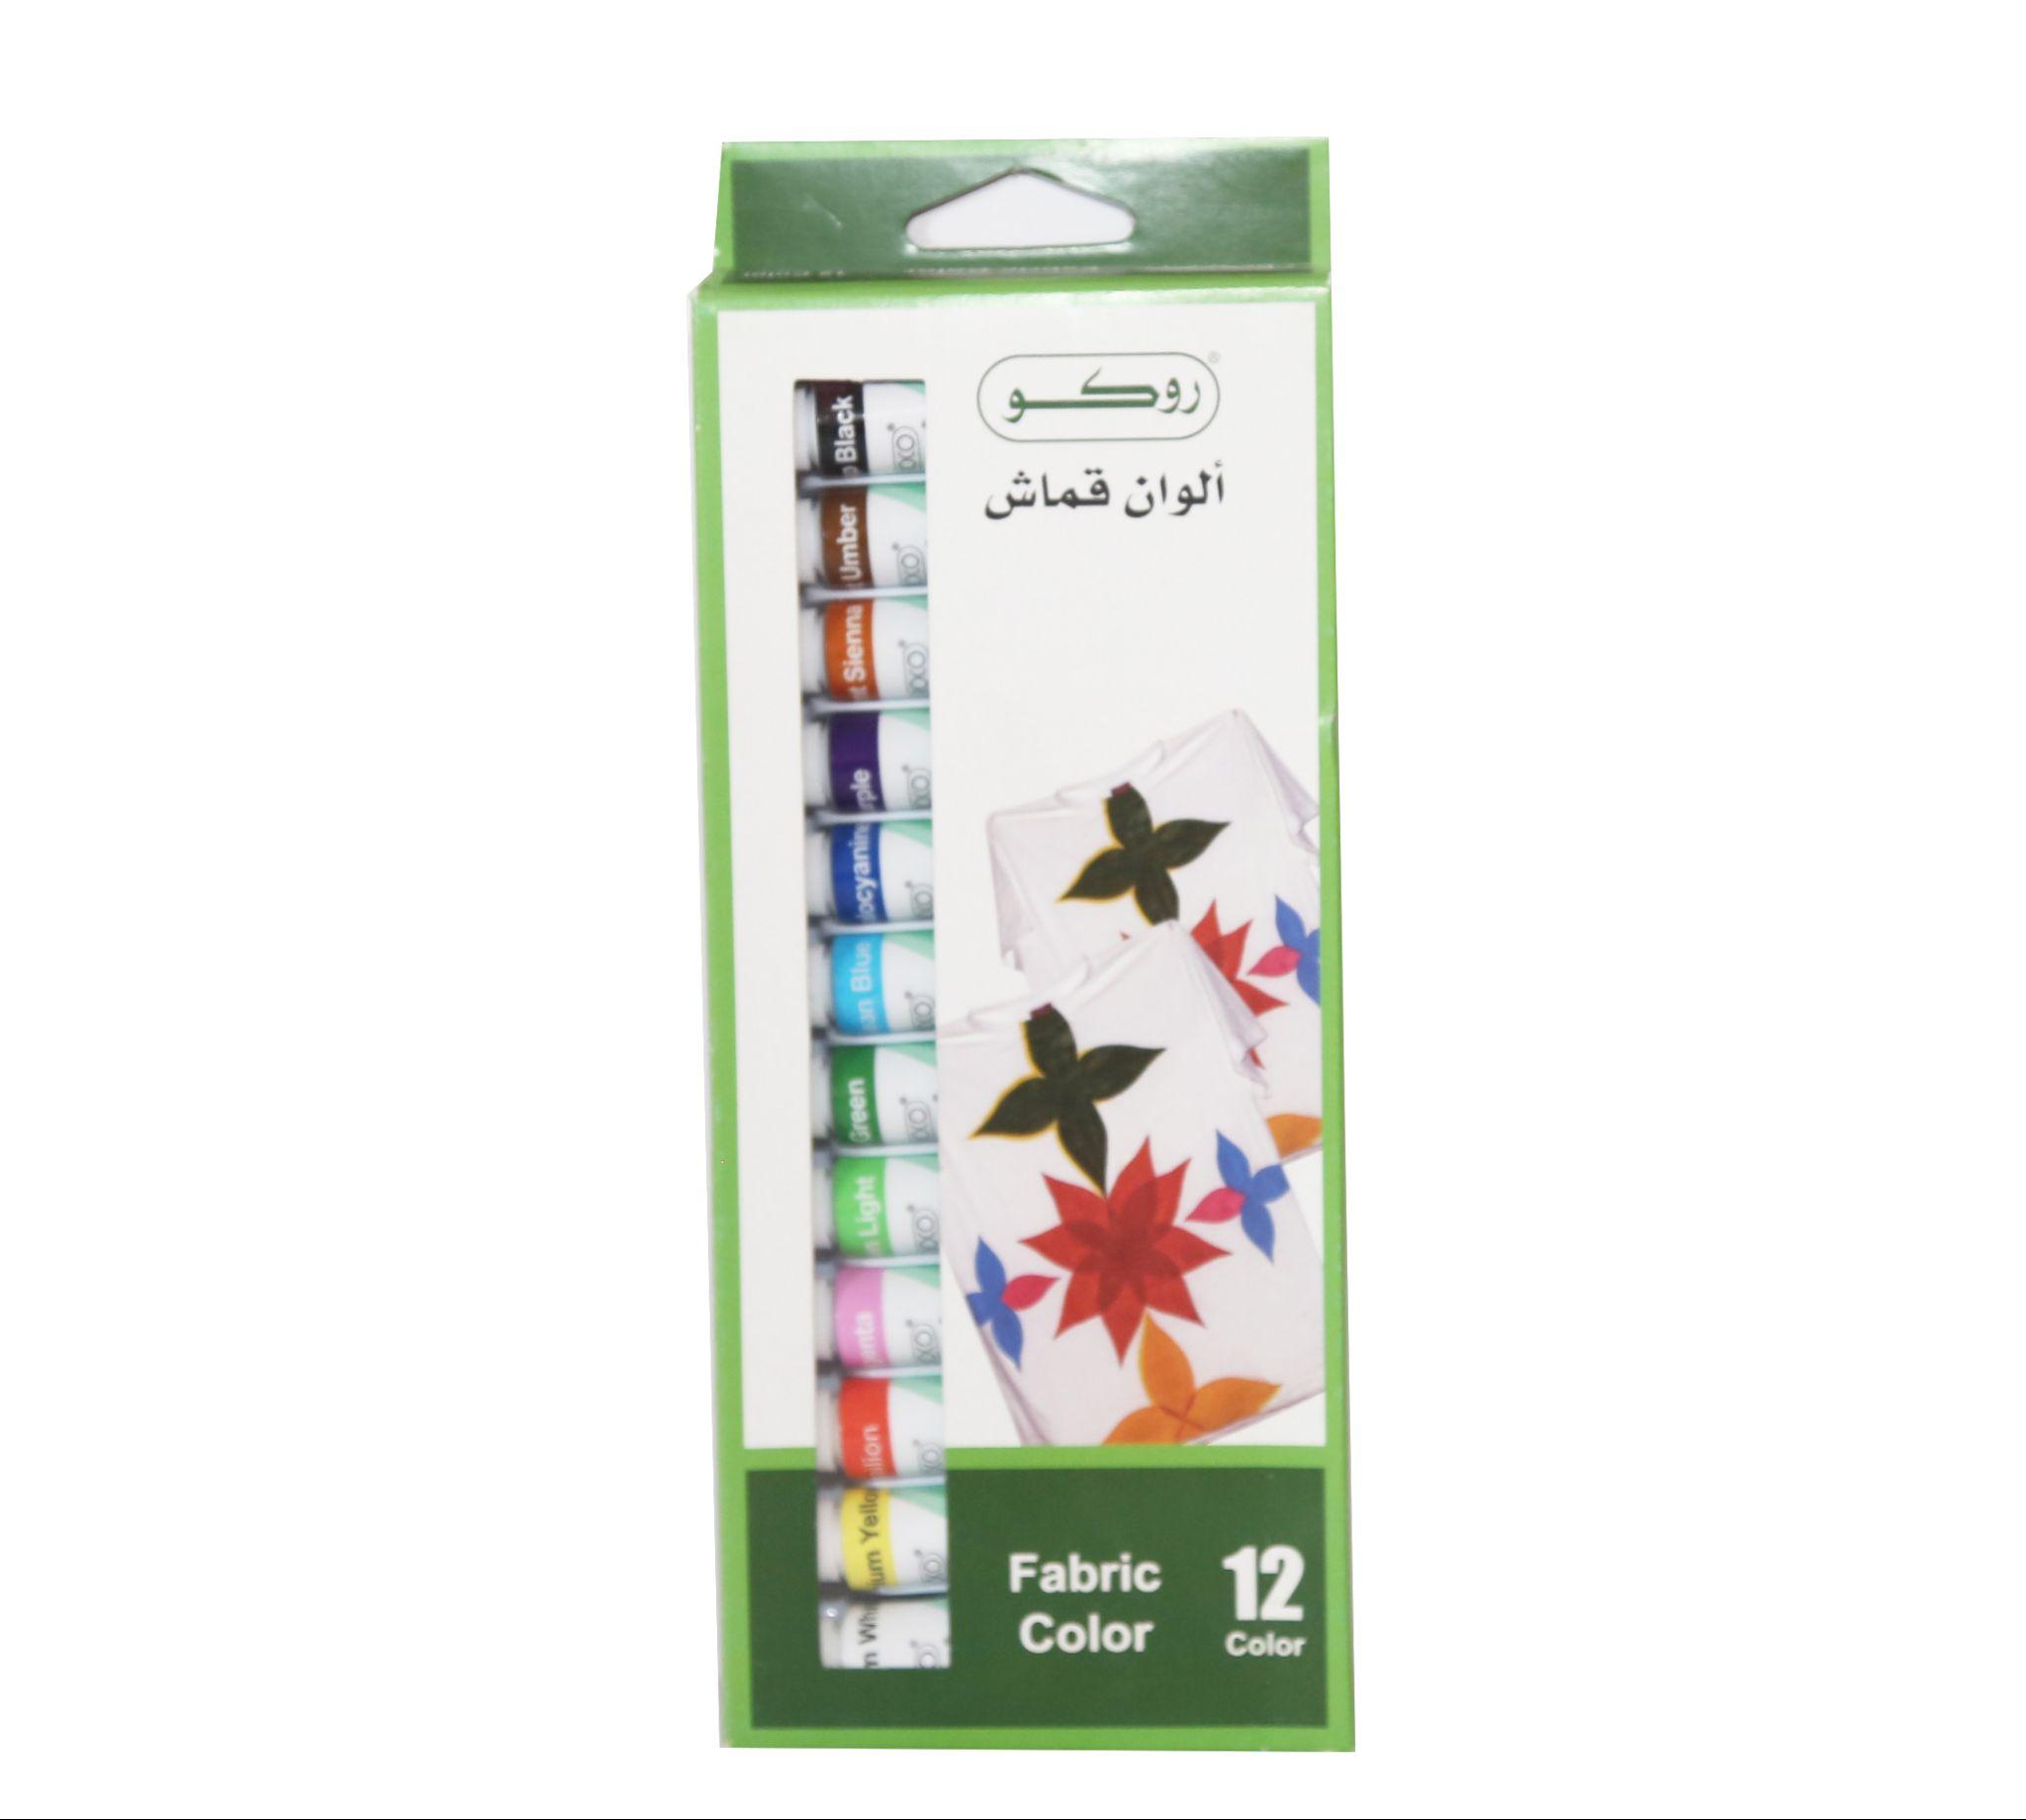 الوان قماش from media.zid.store